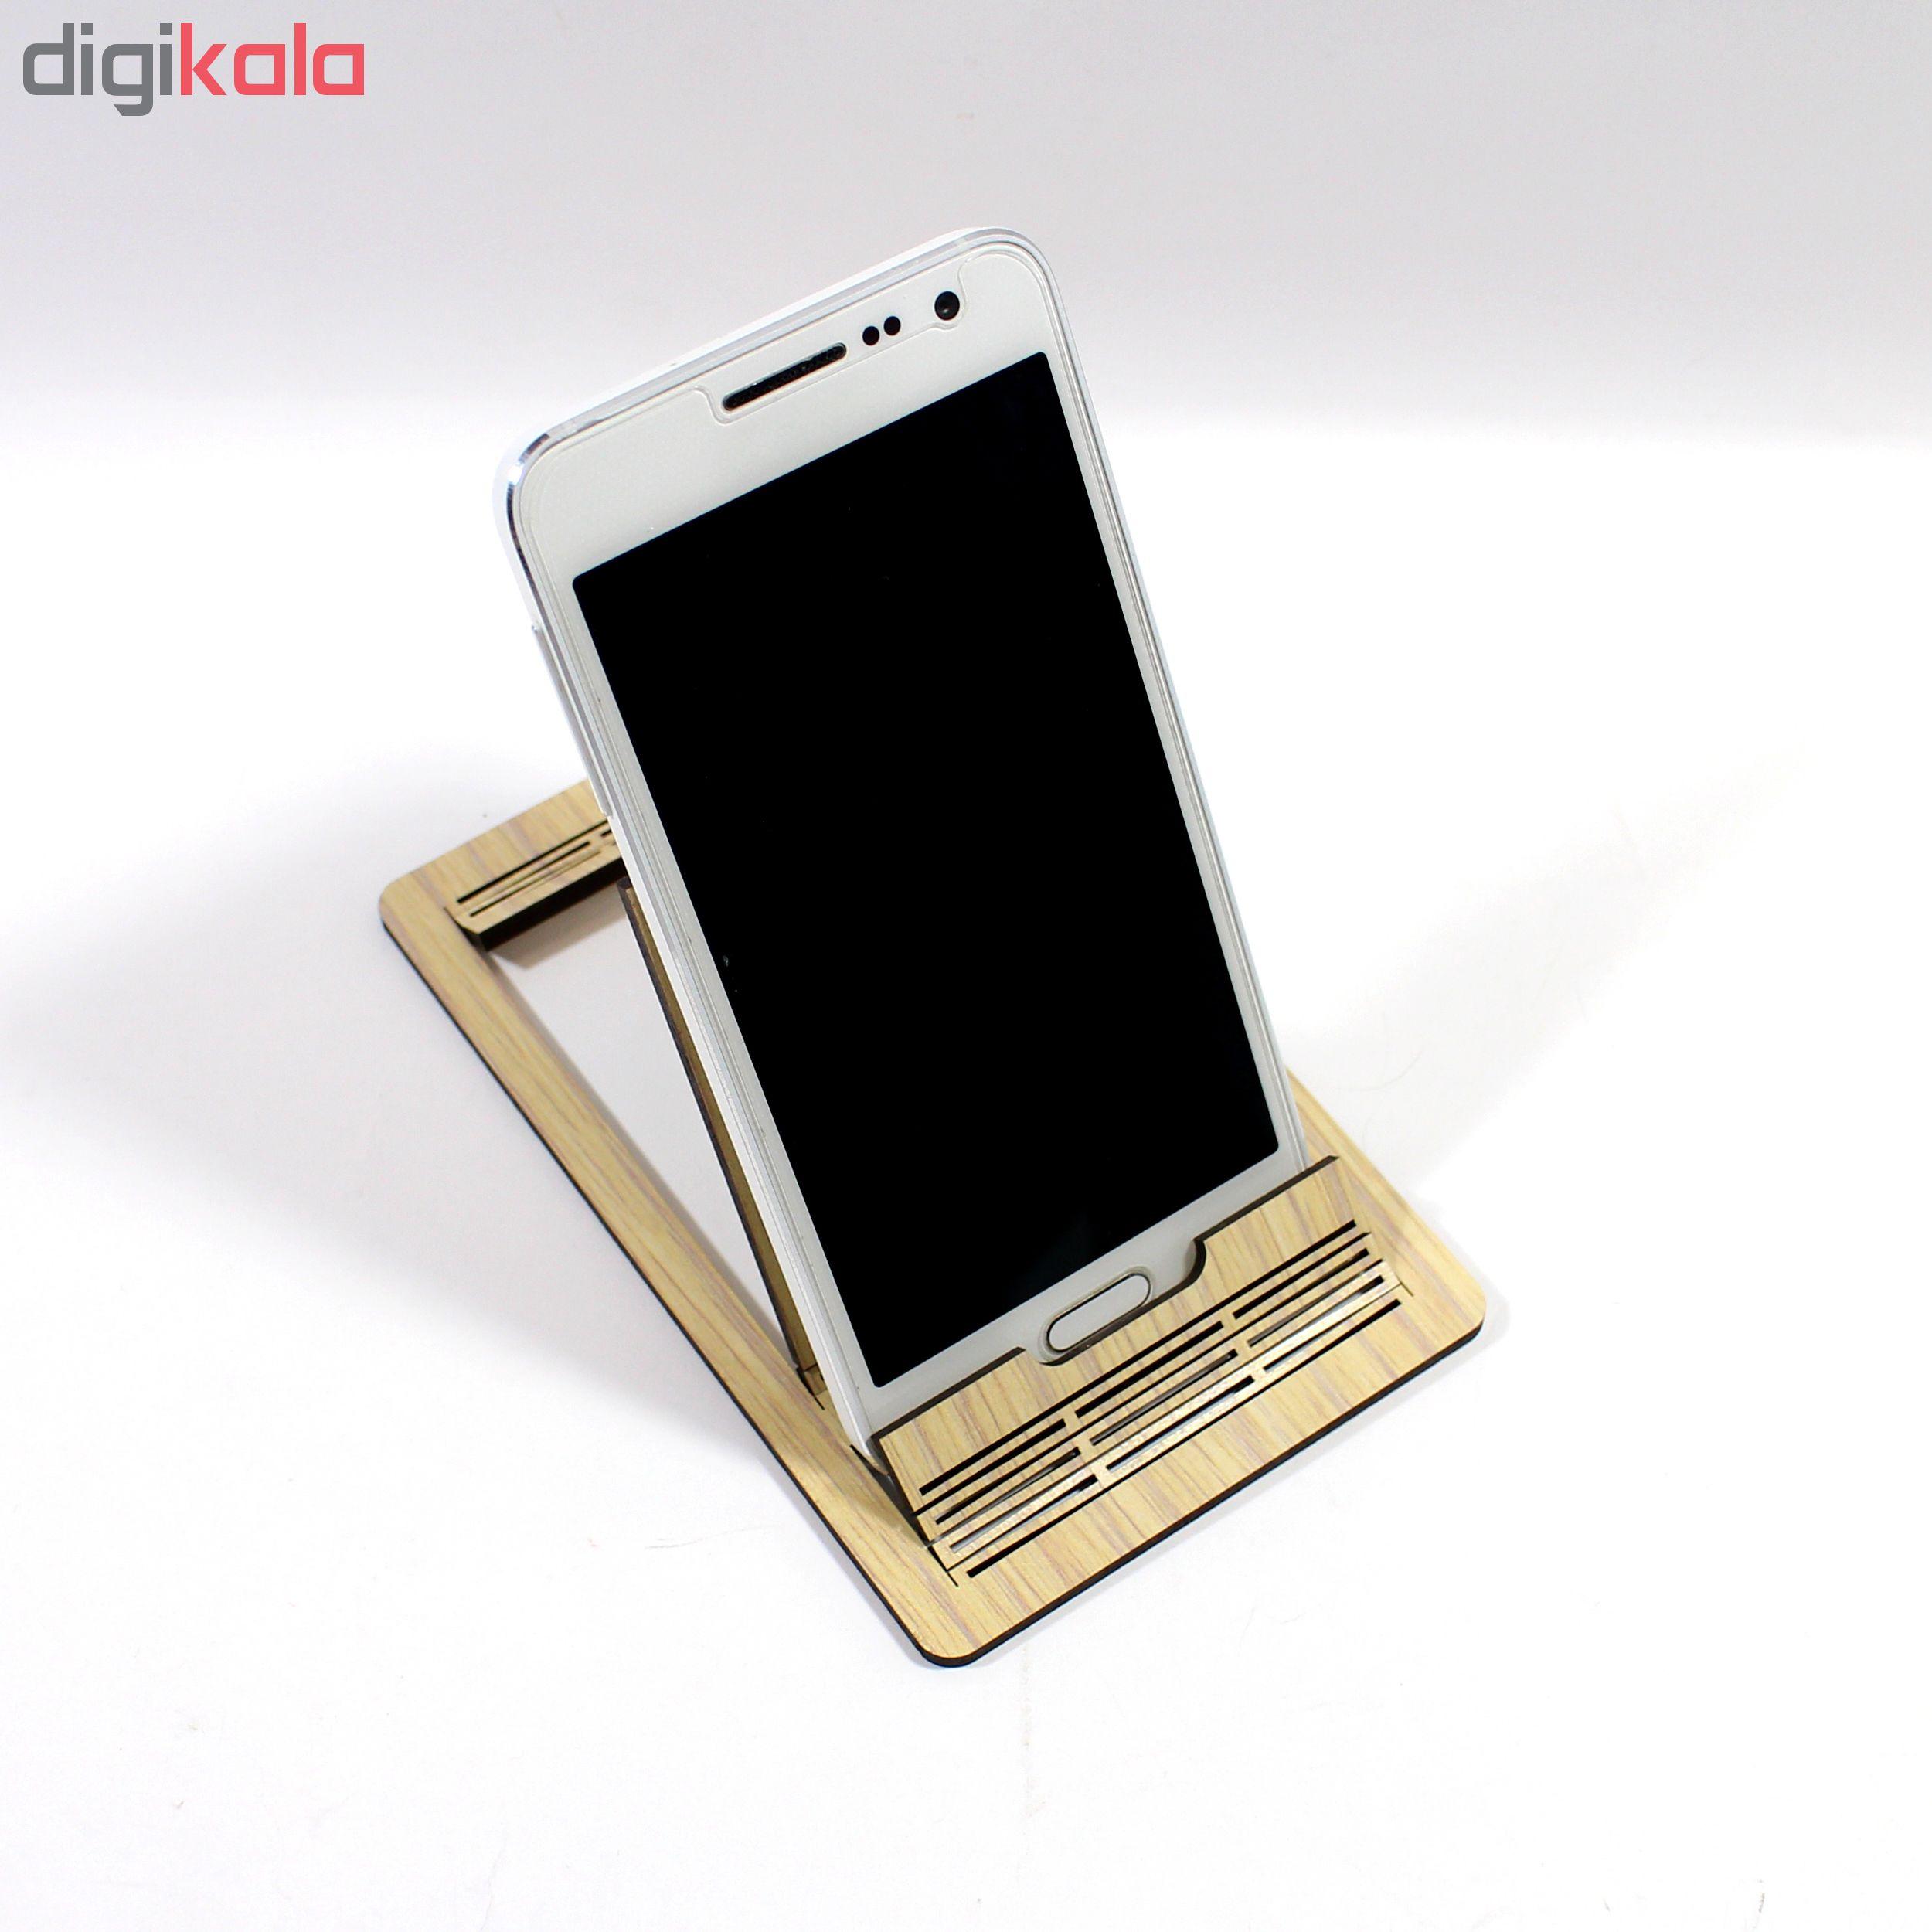 پایه نگهدارنده گوشی موبایل و تبلت وودی کد PS01 main 1 2